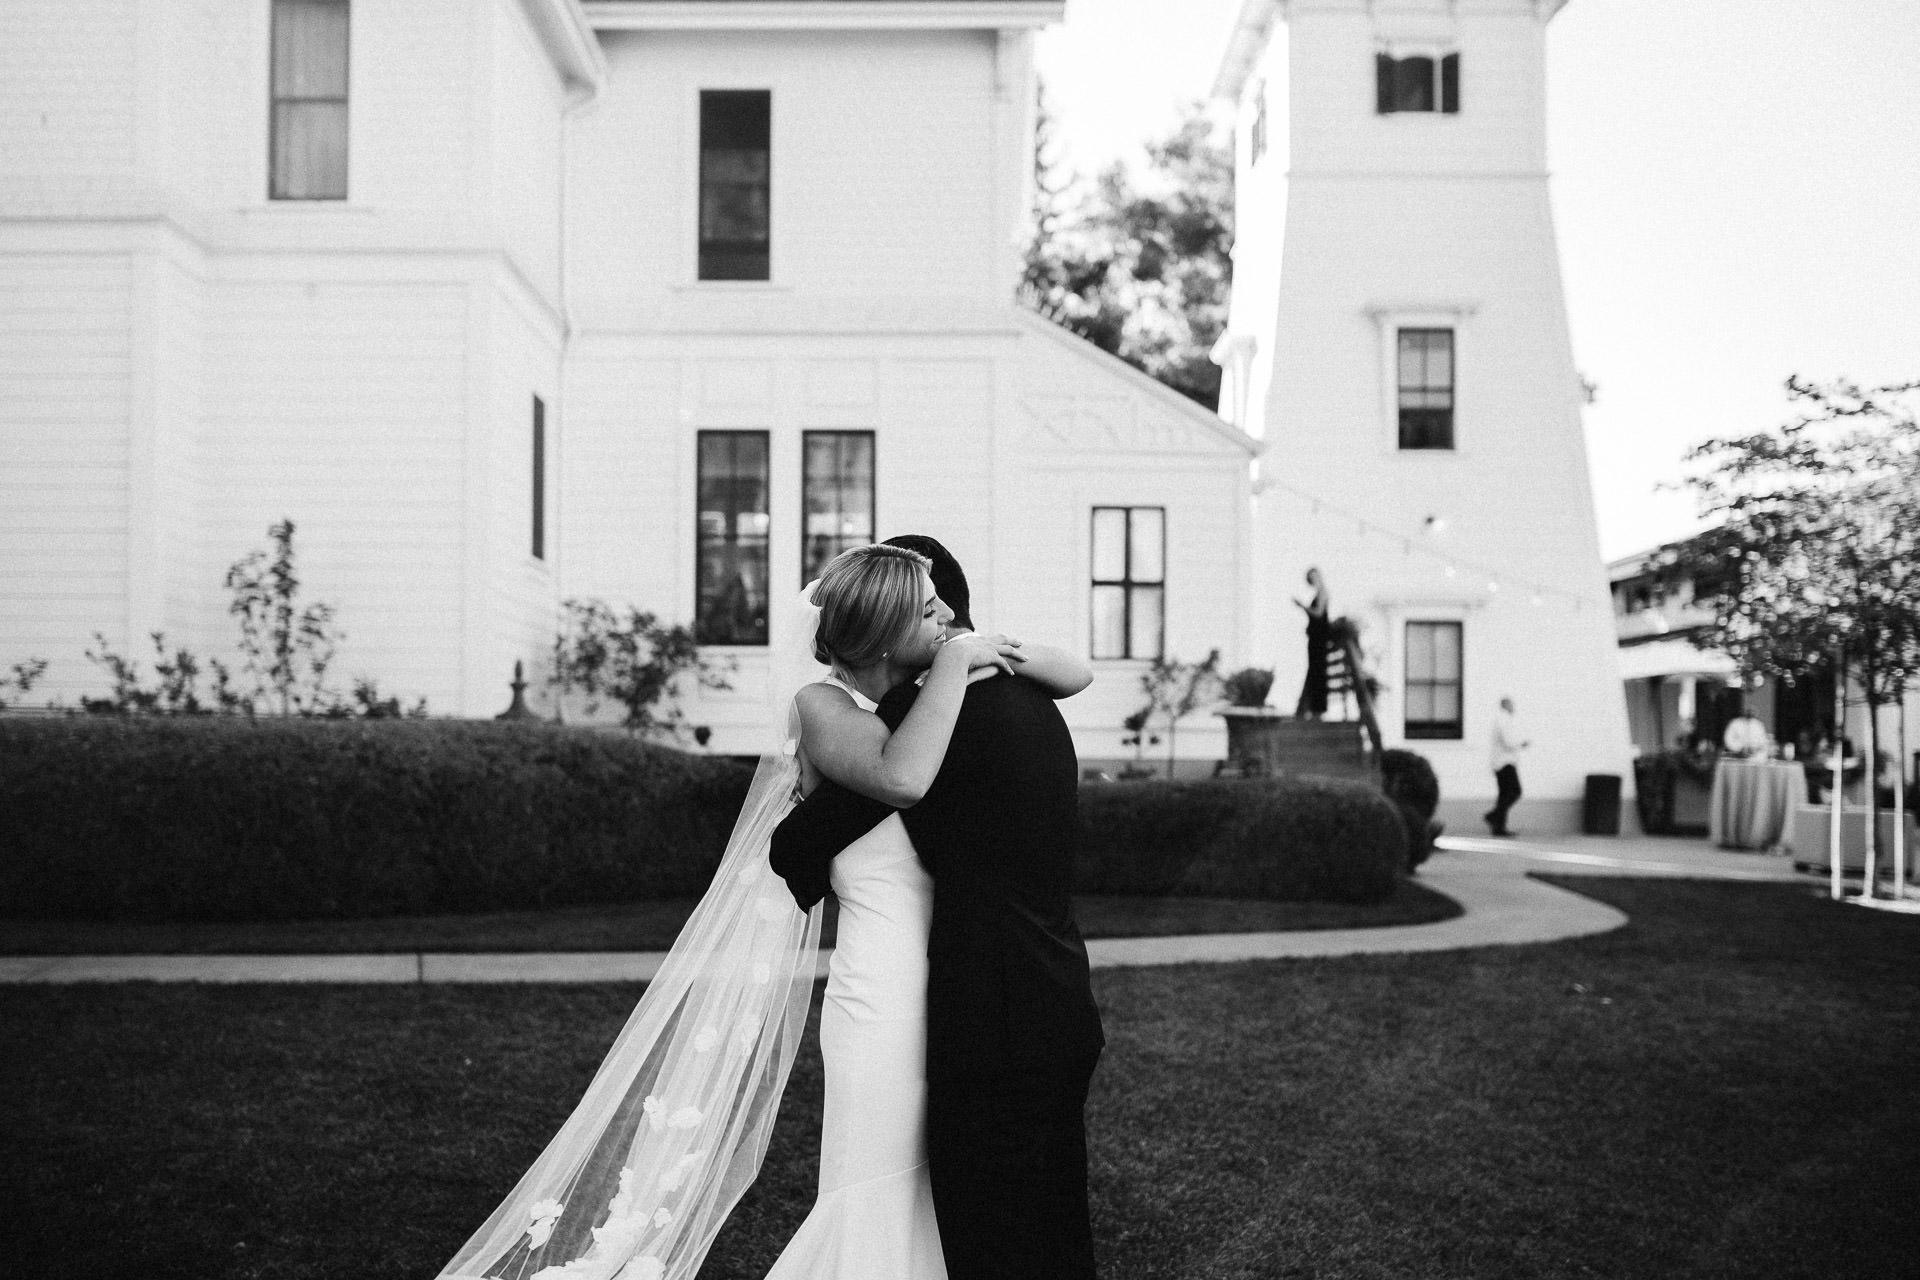 lauren_graham_wedding_california_park_winters_jeanlaurentgaudy_037